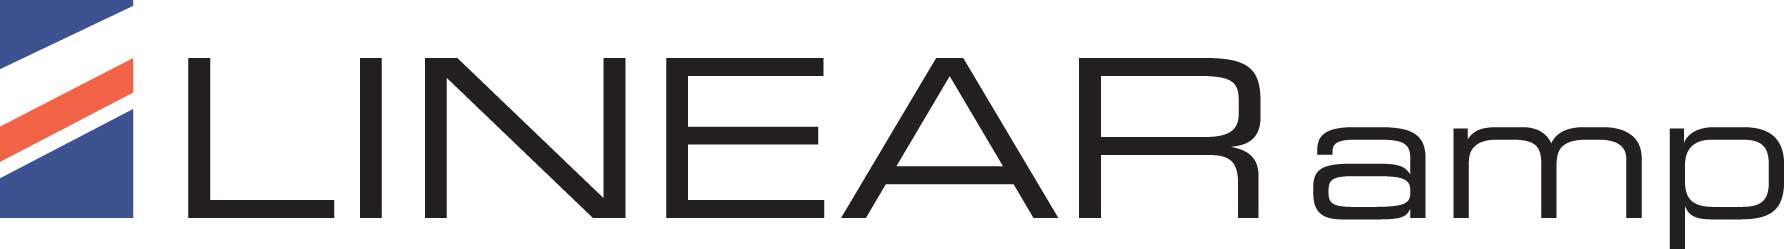 Linear Amp UK logo